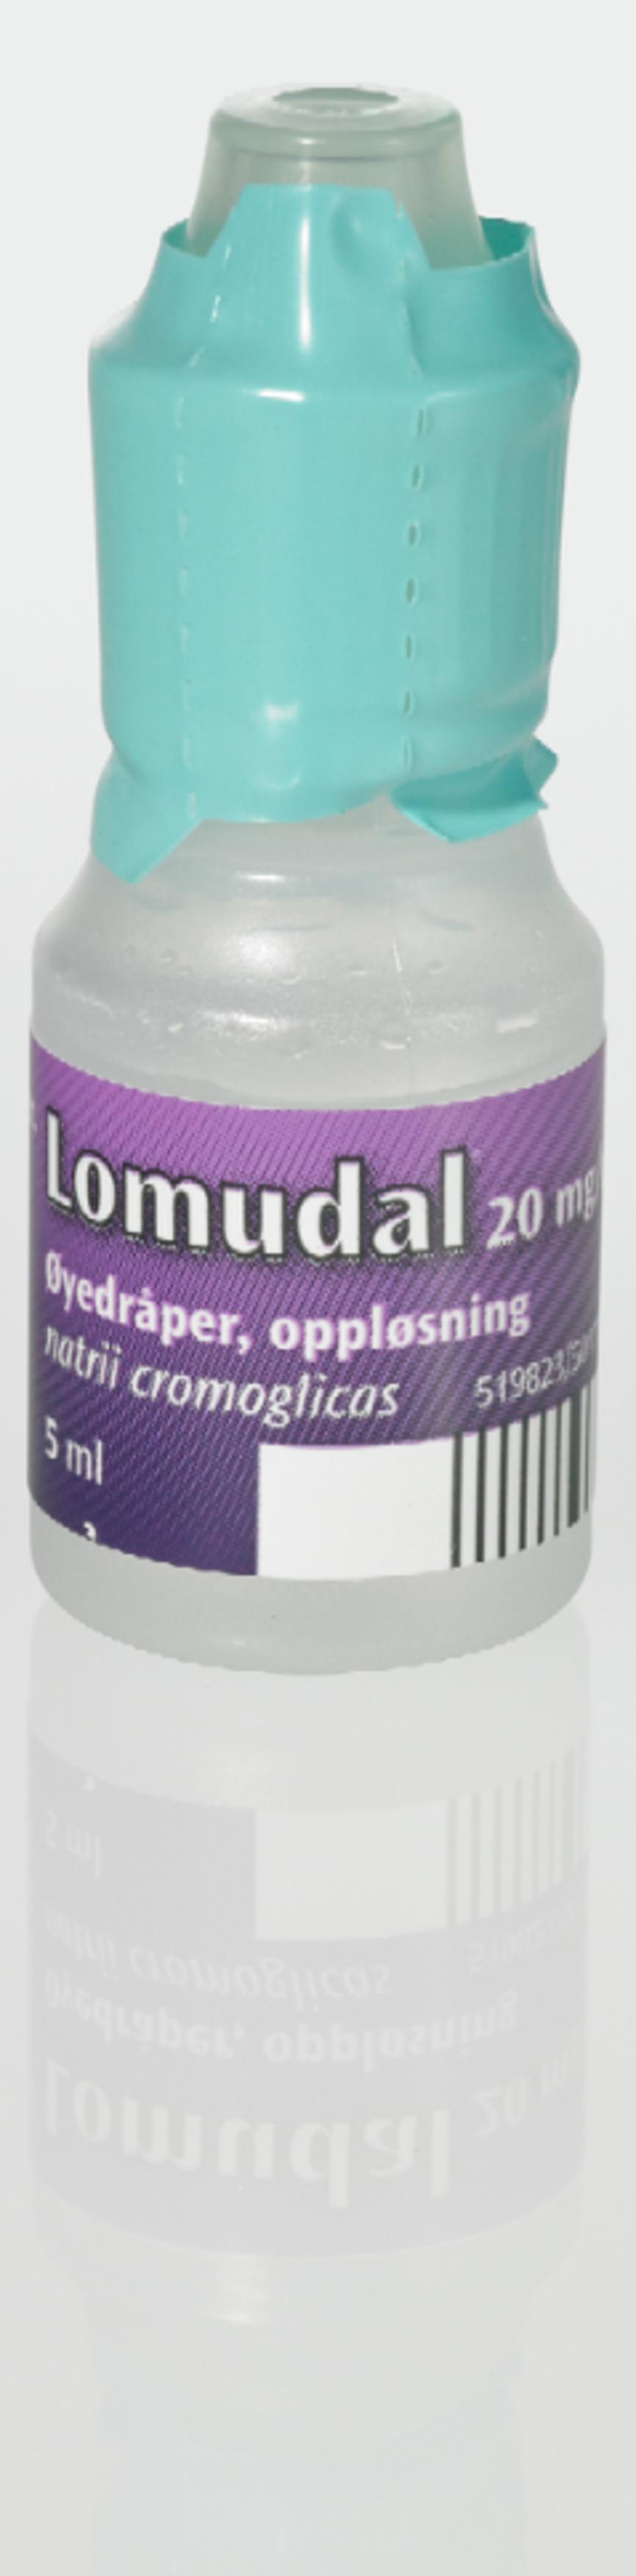 2de4a3474 Kjøp Lomudal Øyedr 20 mg/ml 5 ml på nett | Vitusapotek